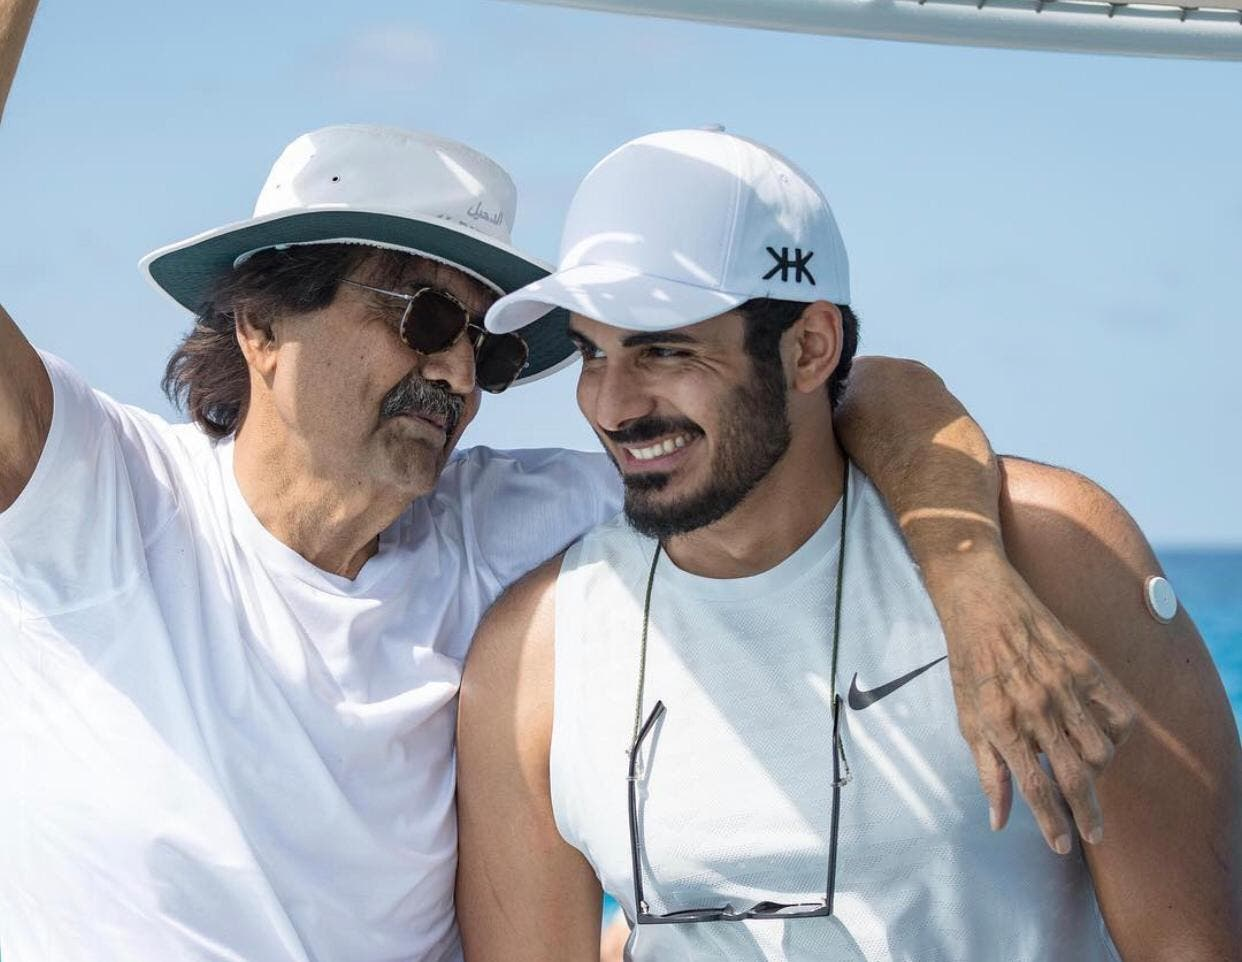 خليفة بن حمد مع والده أمير قطر السابق حمد بن خليفة